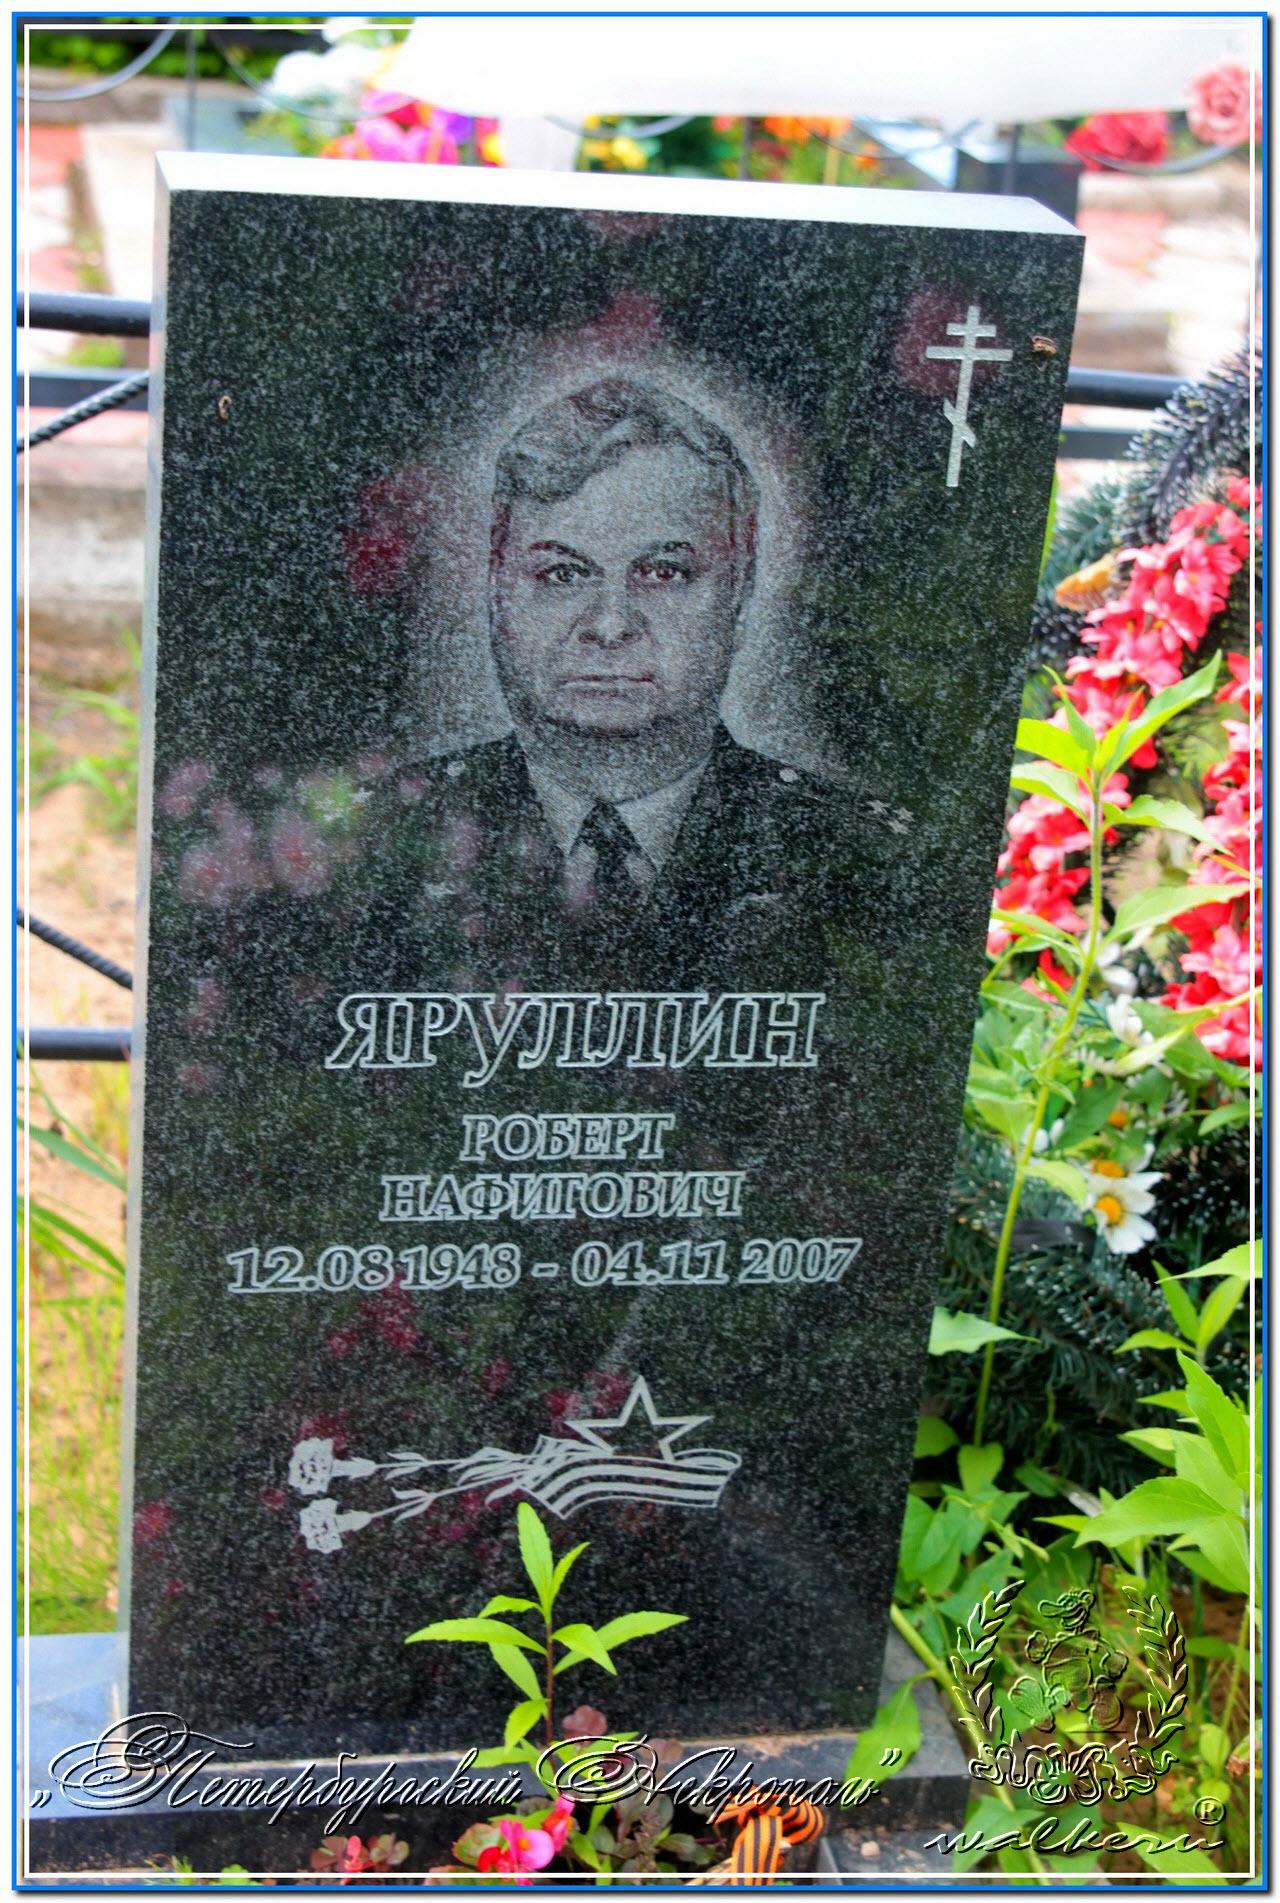 Яруллин Роберт Нафигович